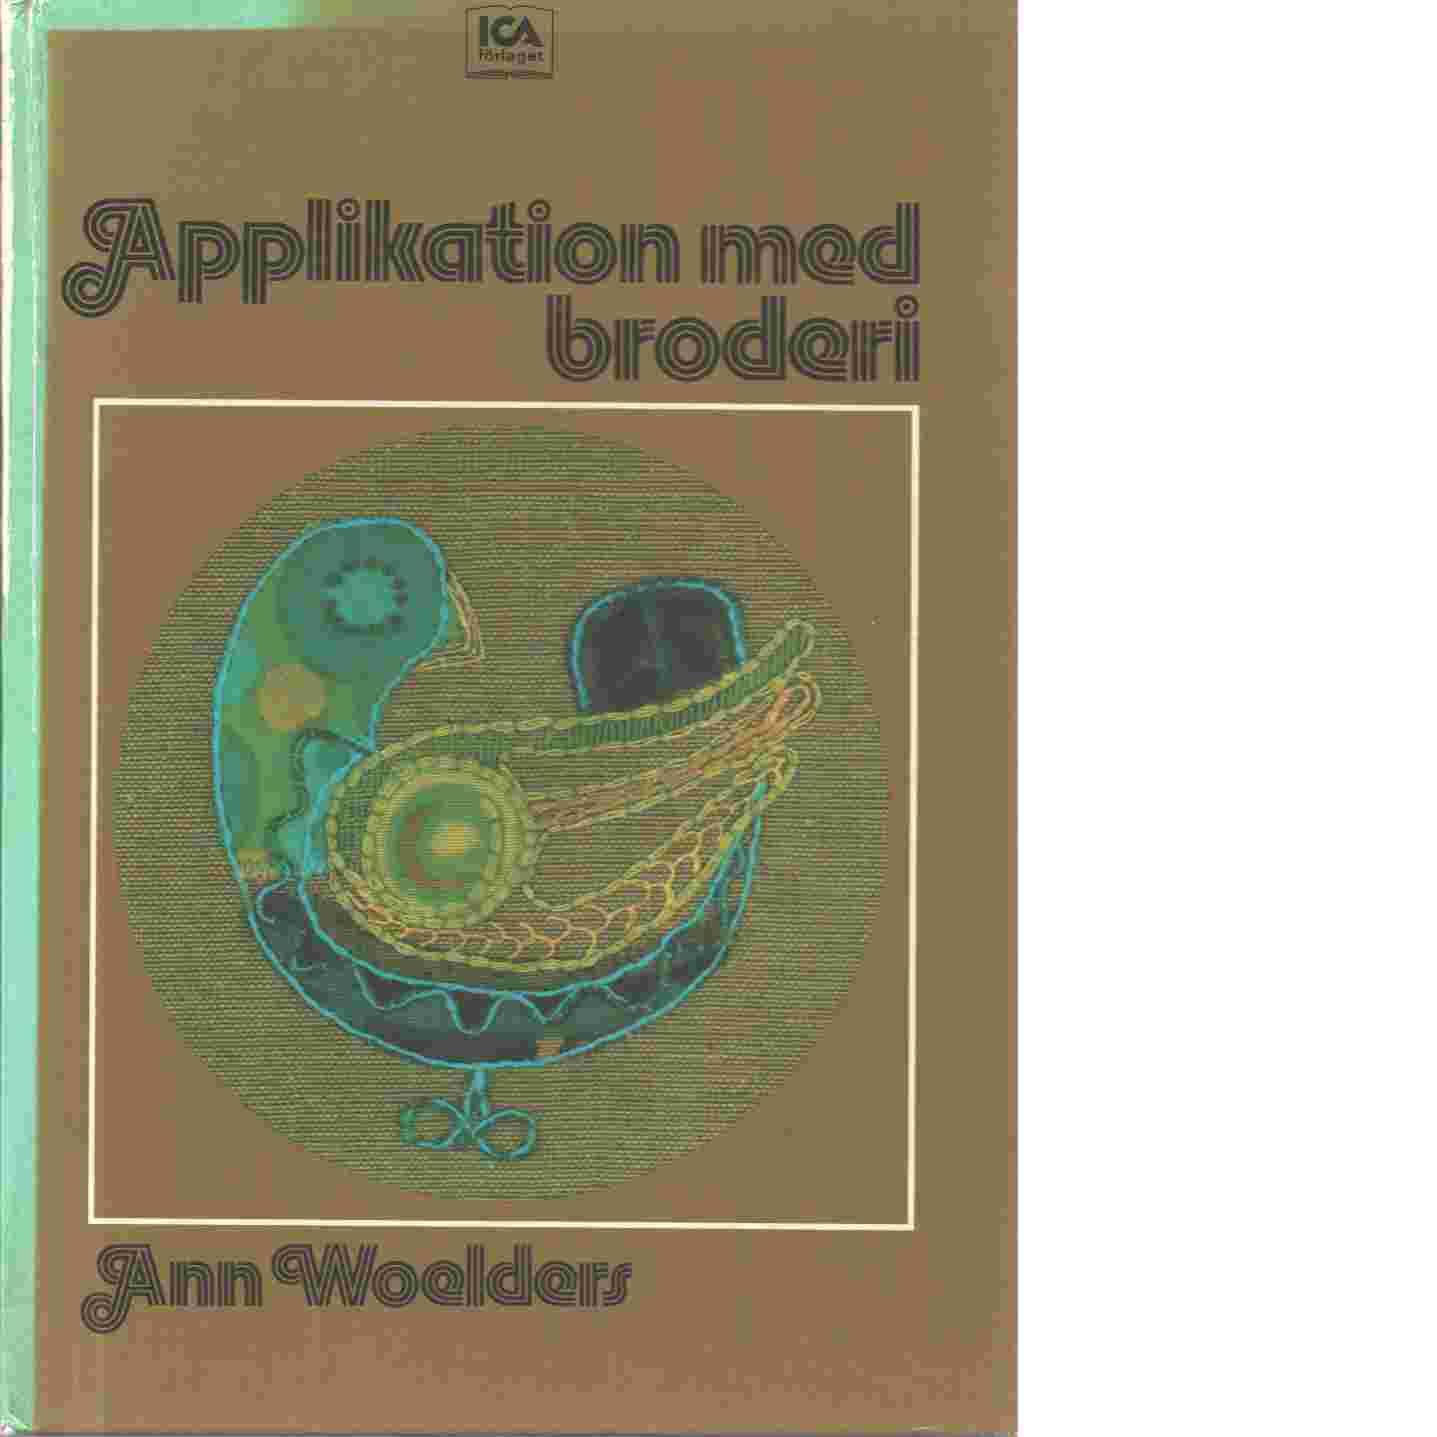 Applikation med broderi - Woelders, Ann